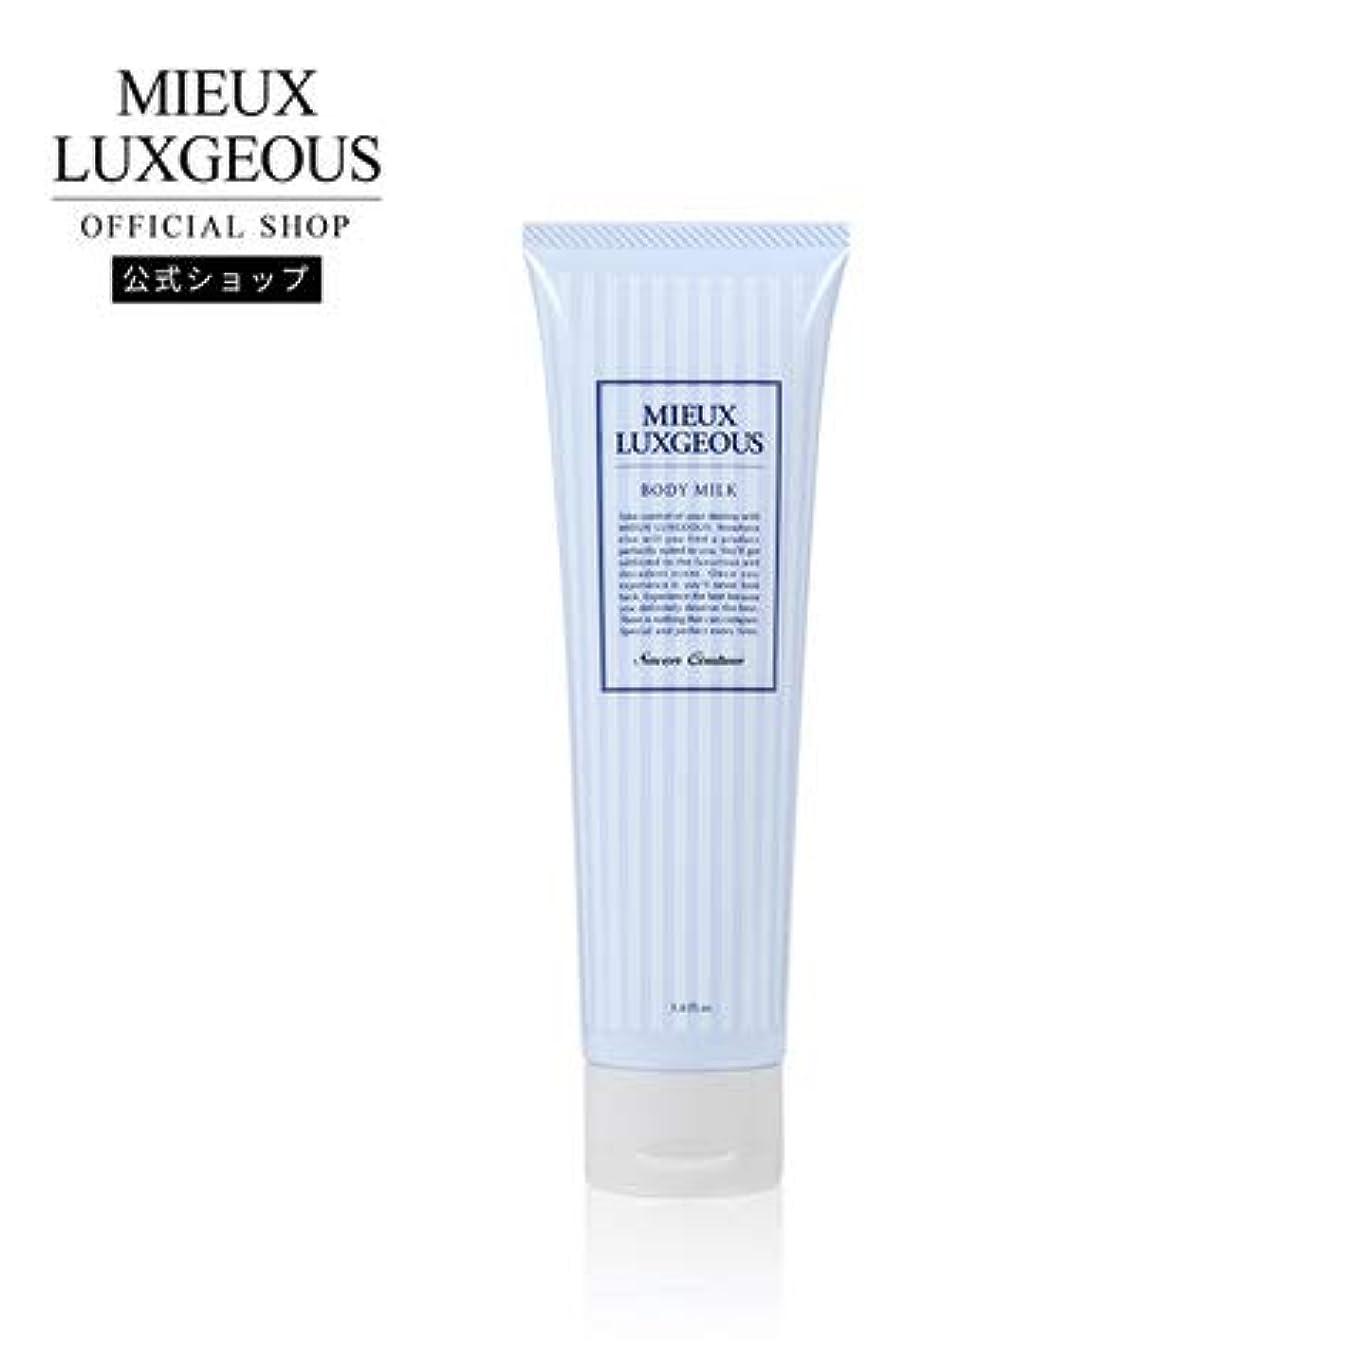 受け入れた復活させるヨーロッパミューラグジャス ボディミルク Savon Coutureの香り